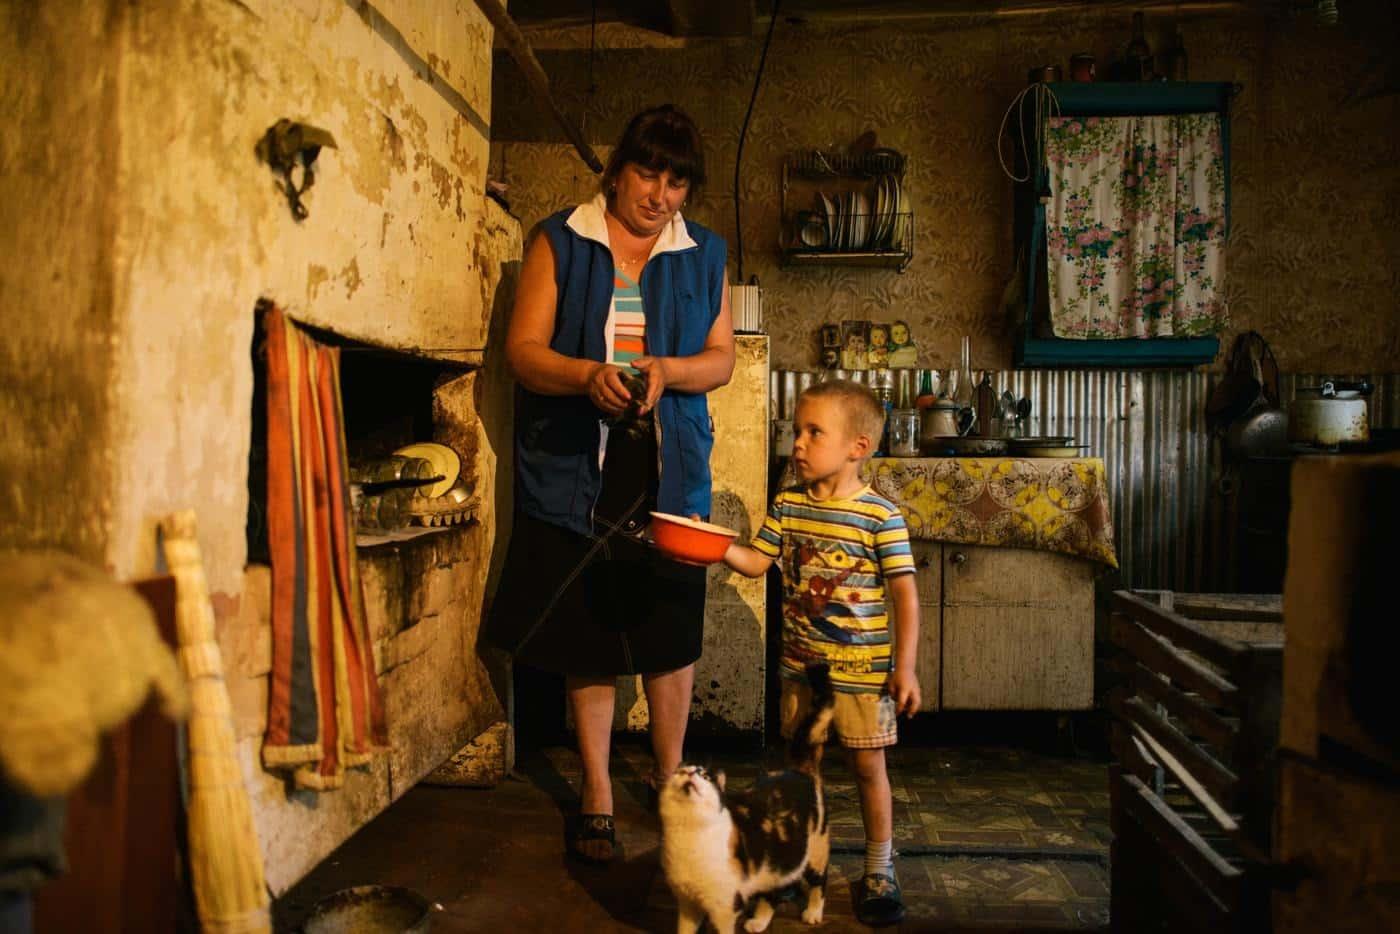 Пособия малоимущим в России: какие можно получить в 2019 году. Кто считается малоимущим сегодня